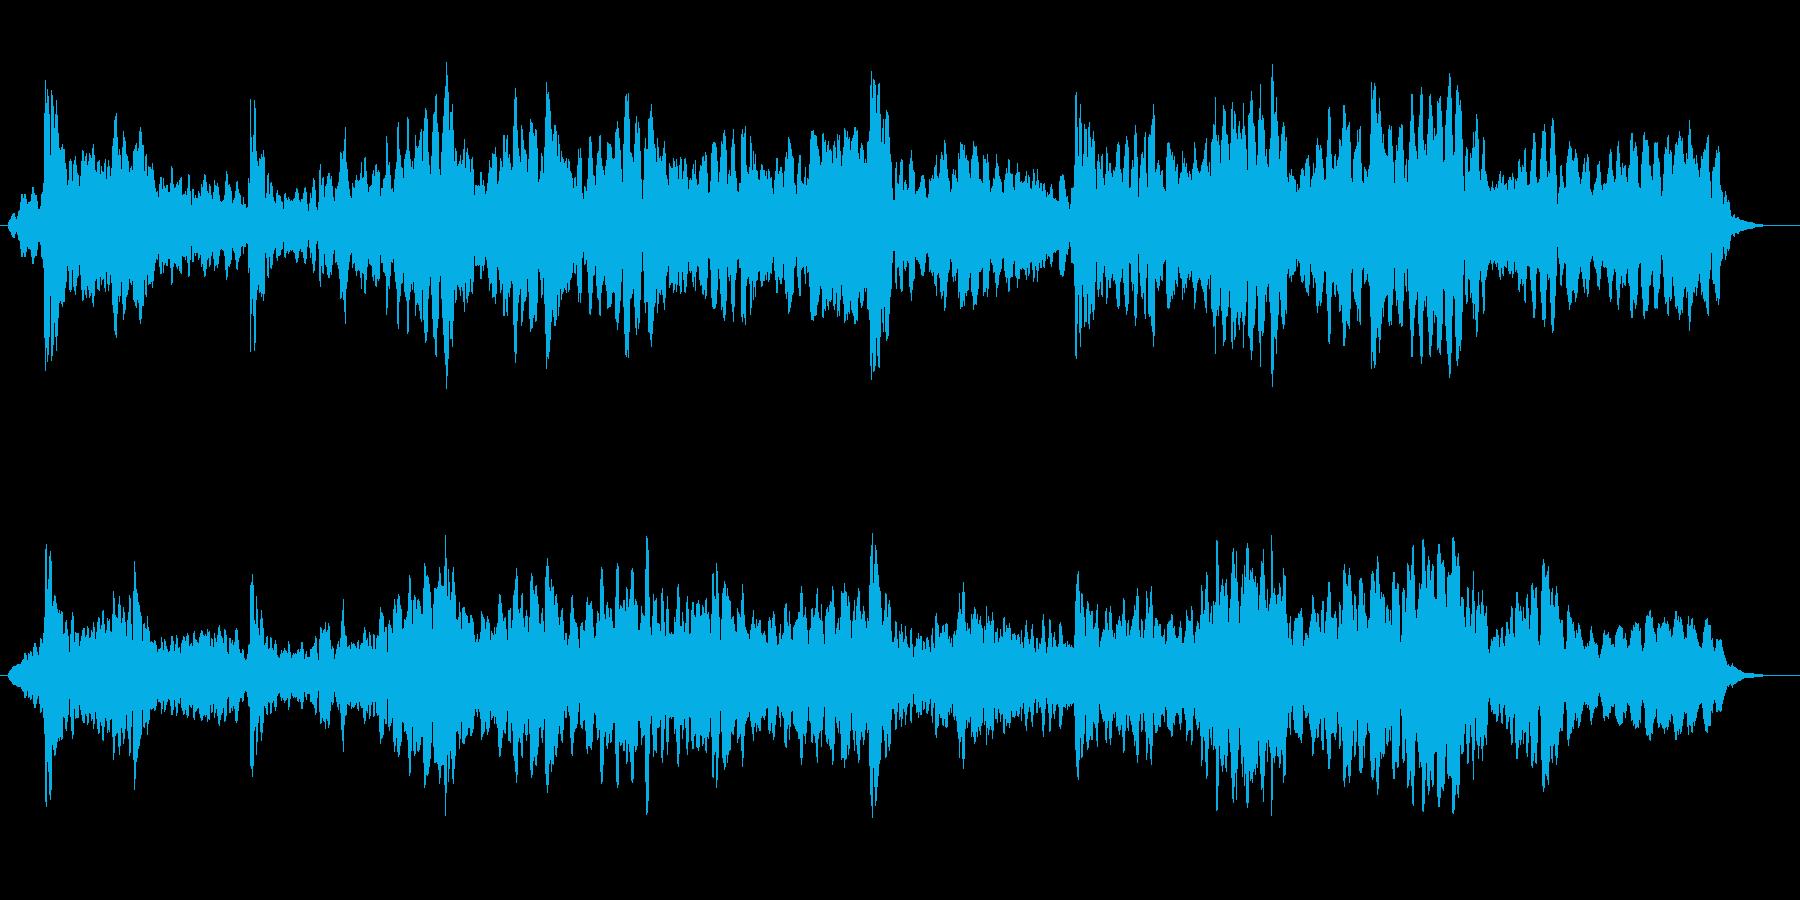 ゆったり神秘的なシンセ・ピアノサウンドの再生済みの波形